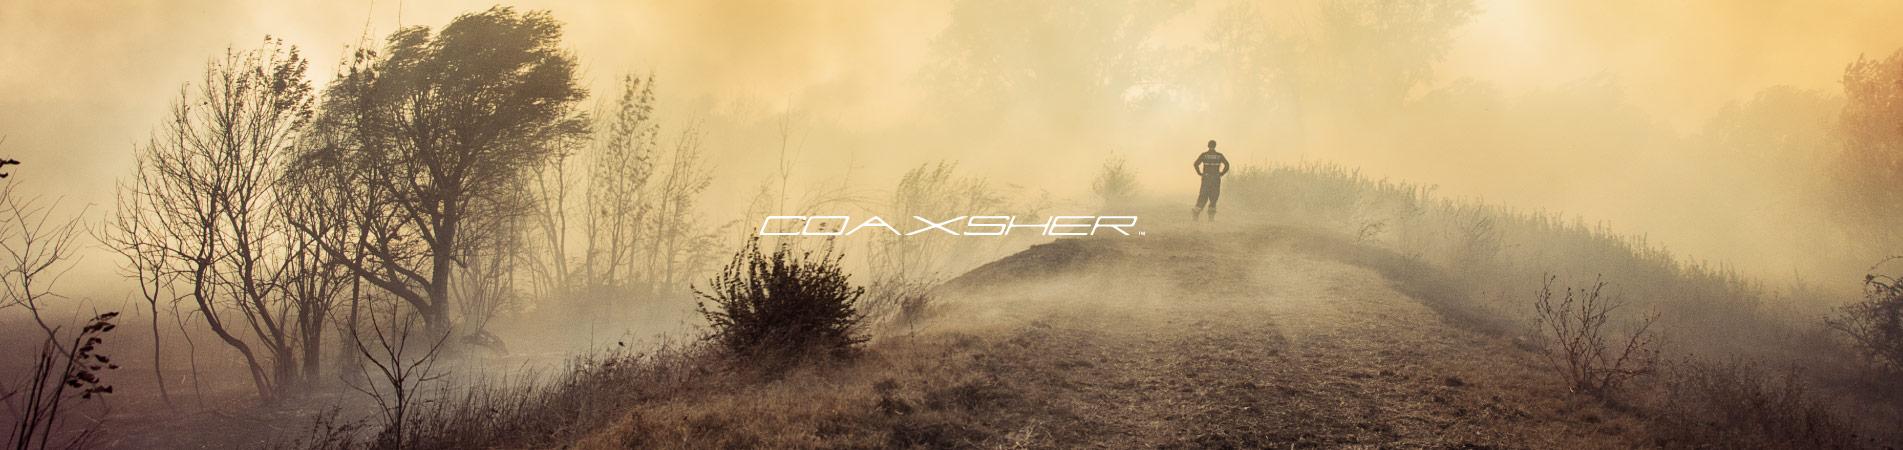 coaxsher-v1r2.jpg